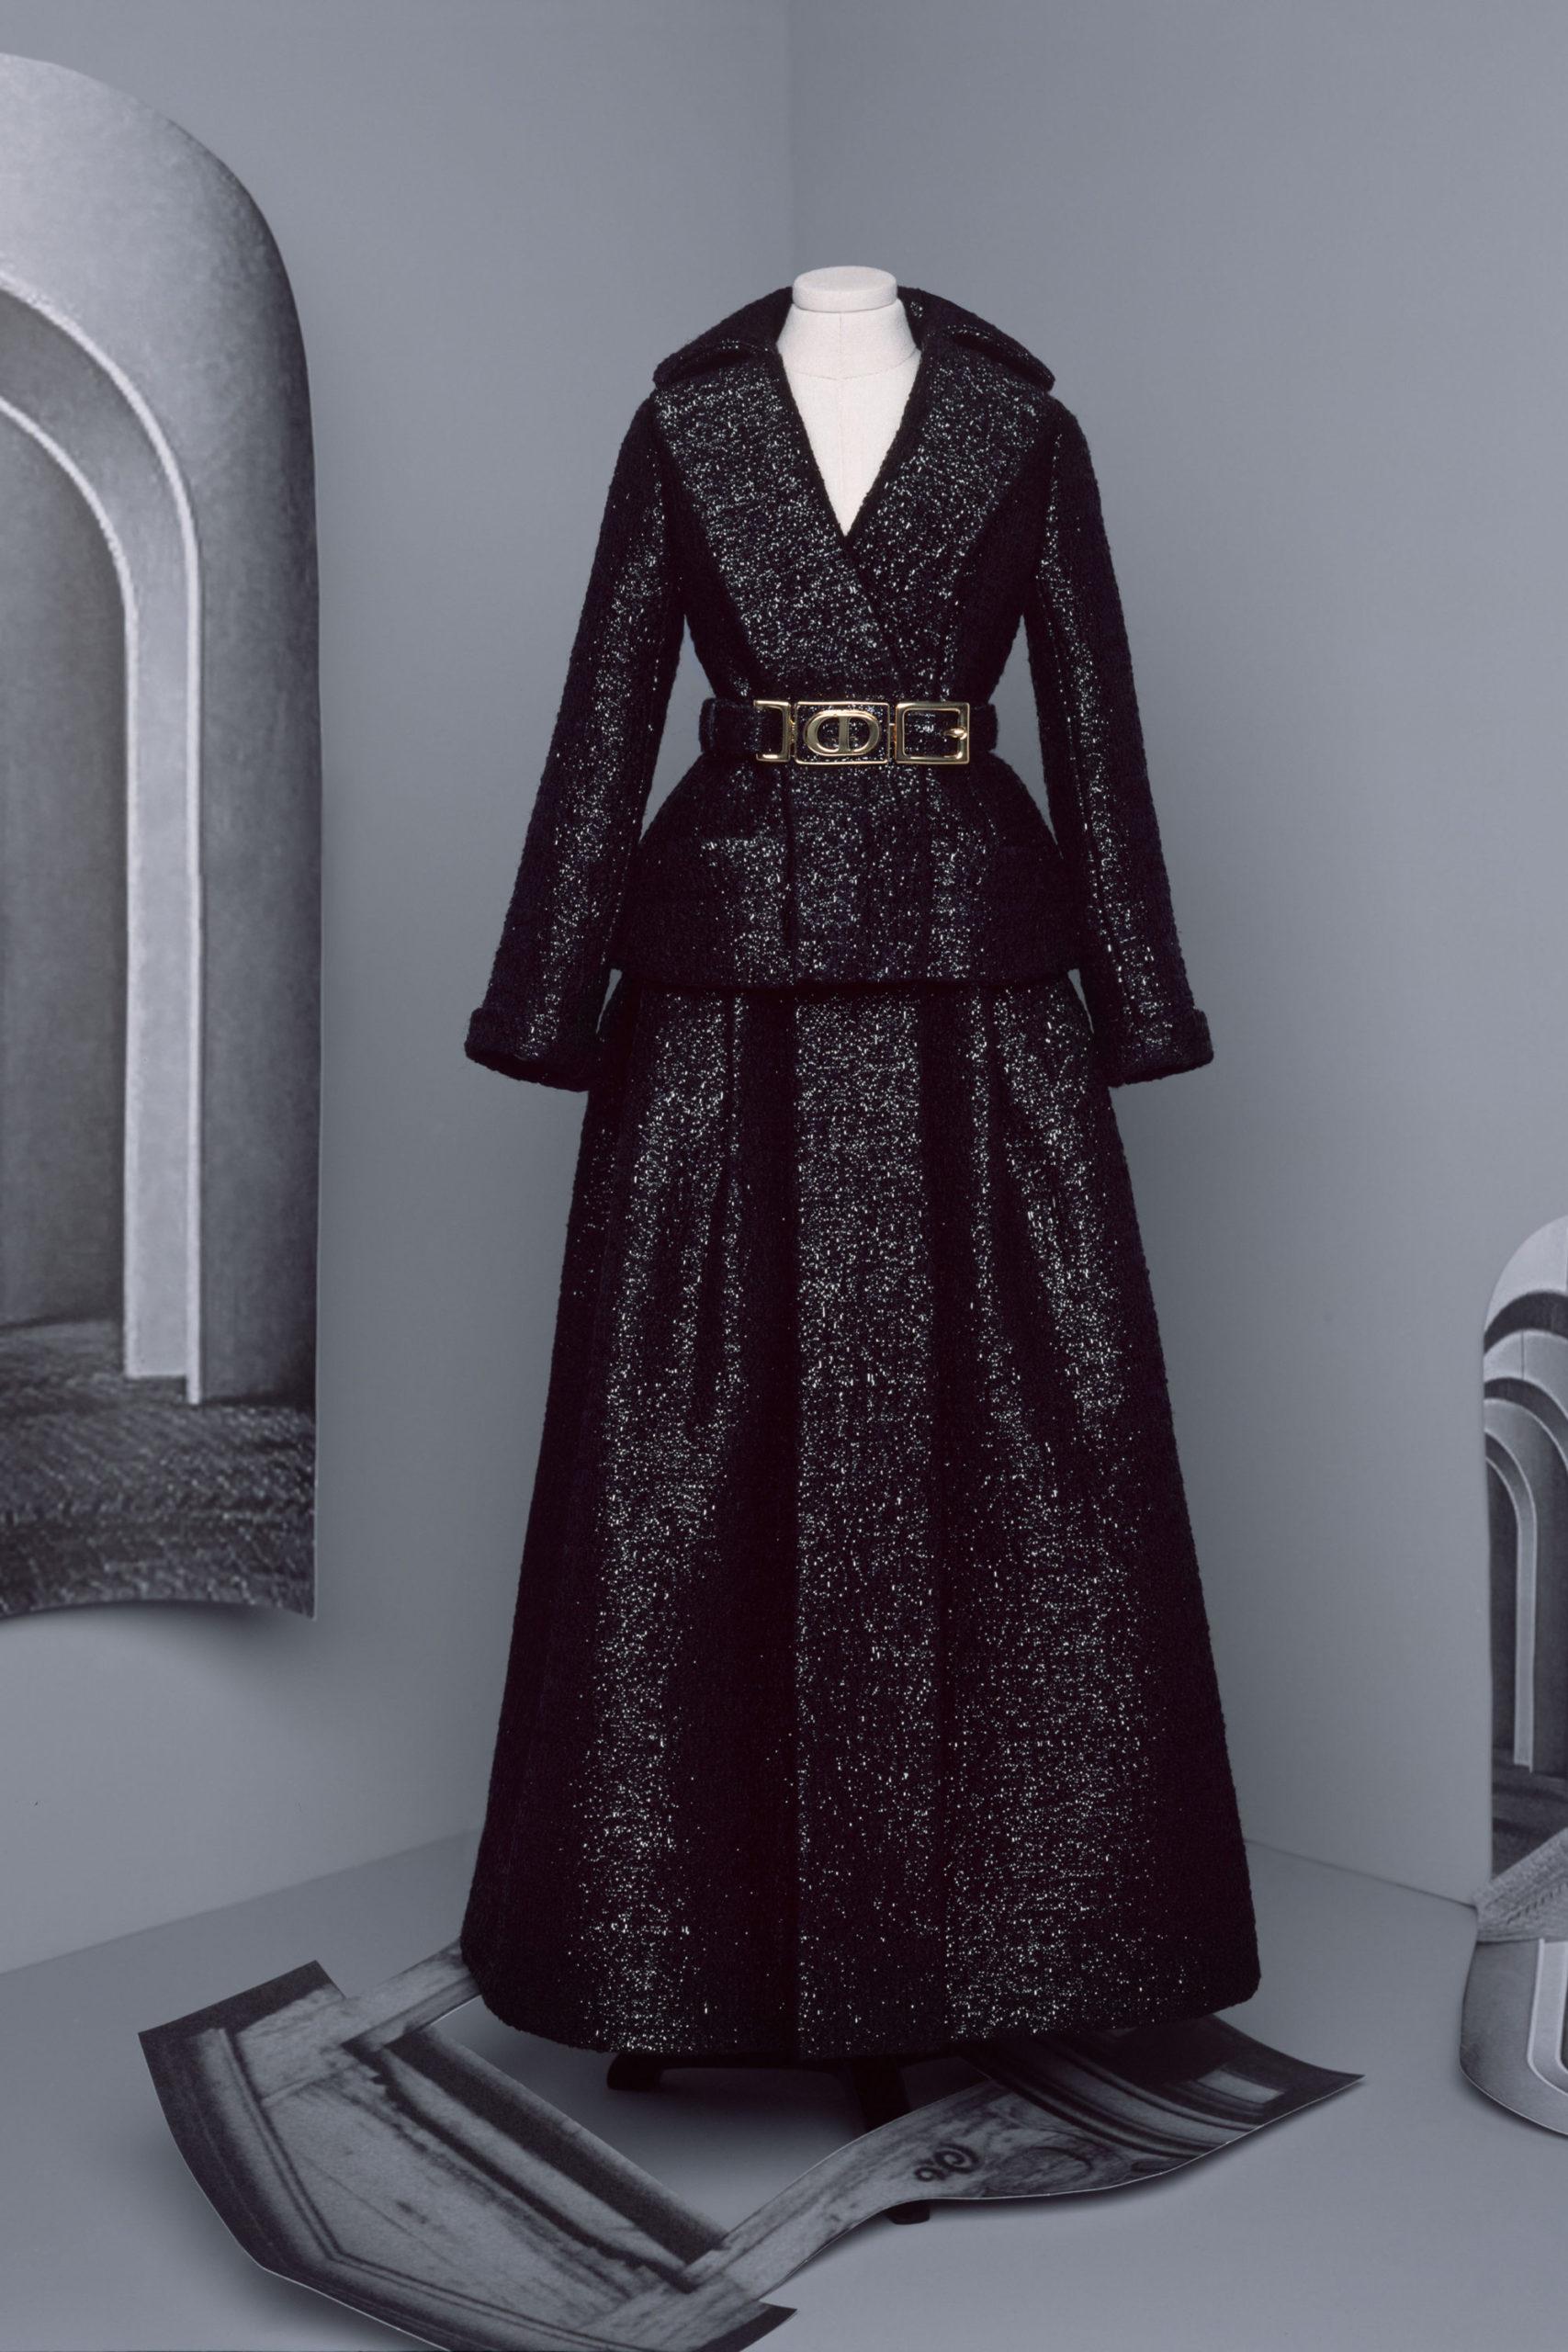 Платье с баской от Christian Dior кутюр модель 2021 года